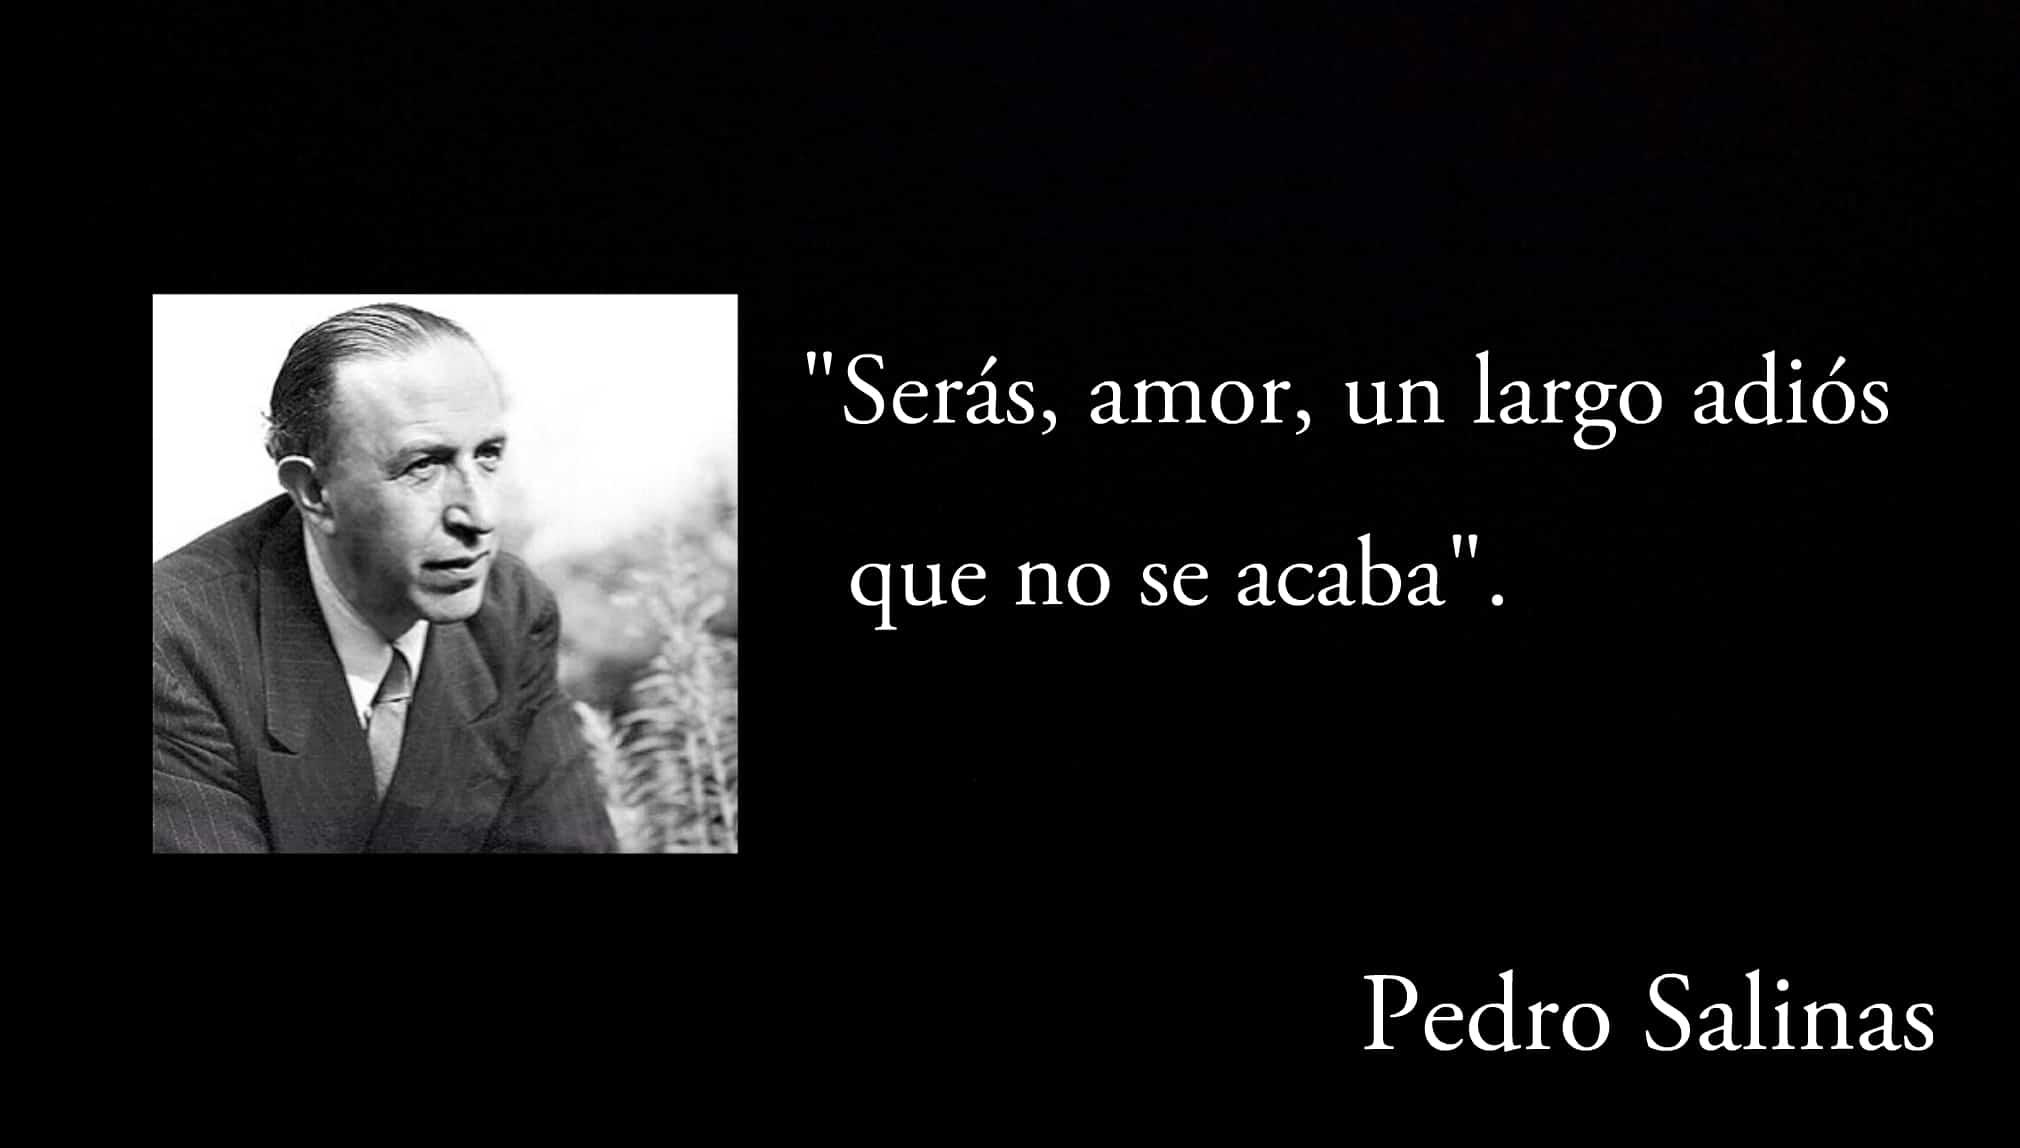 Frase de Pedro Salinas.